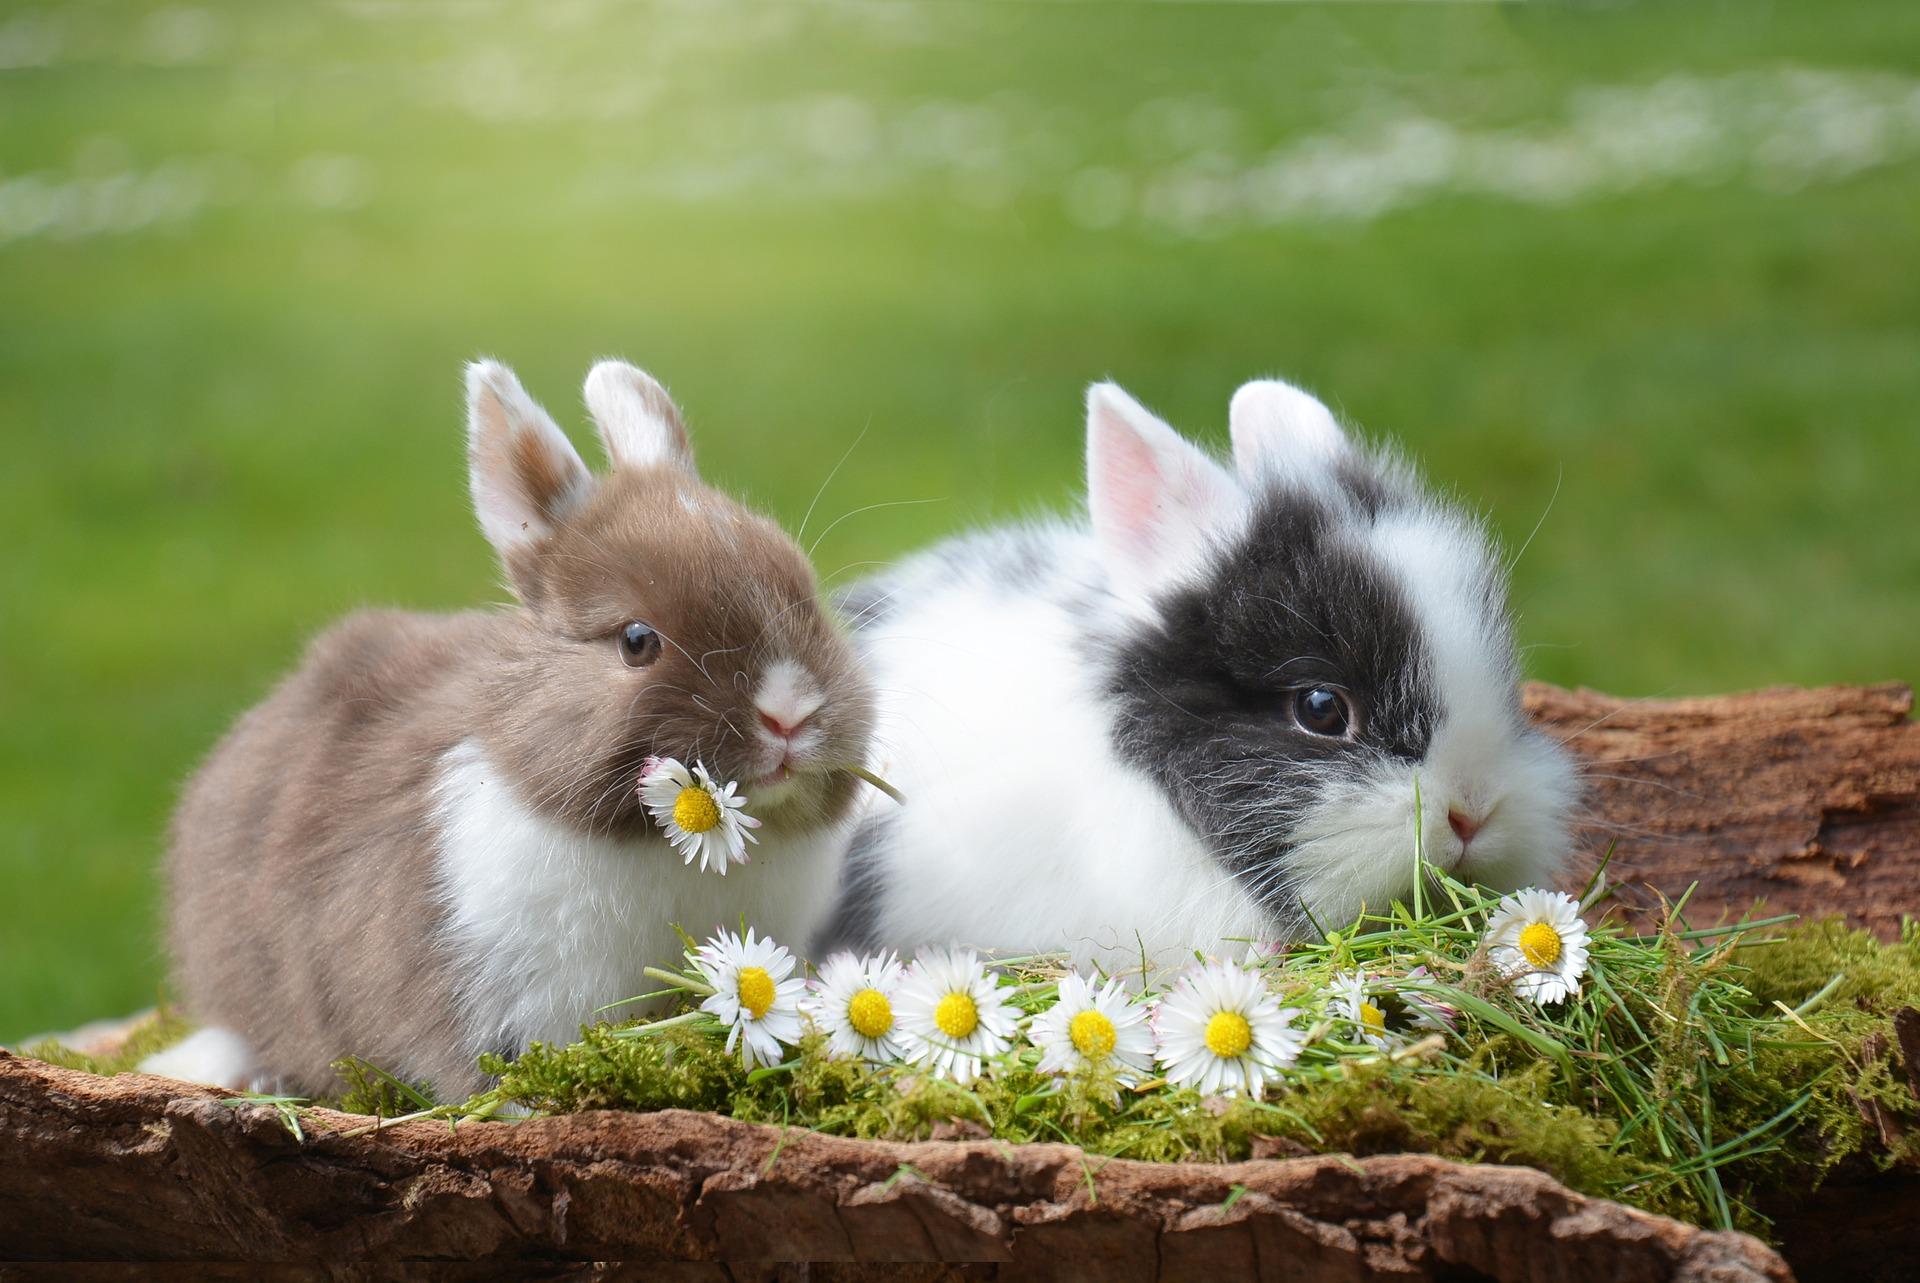 bunny and daisy